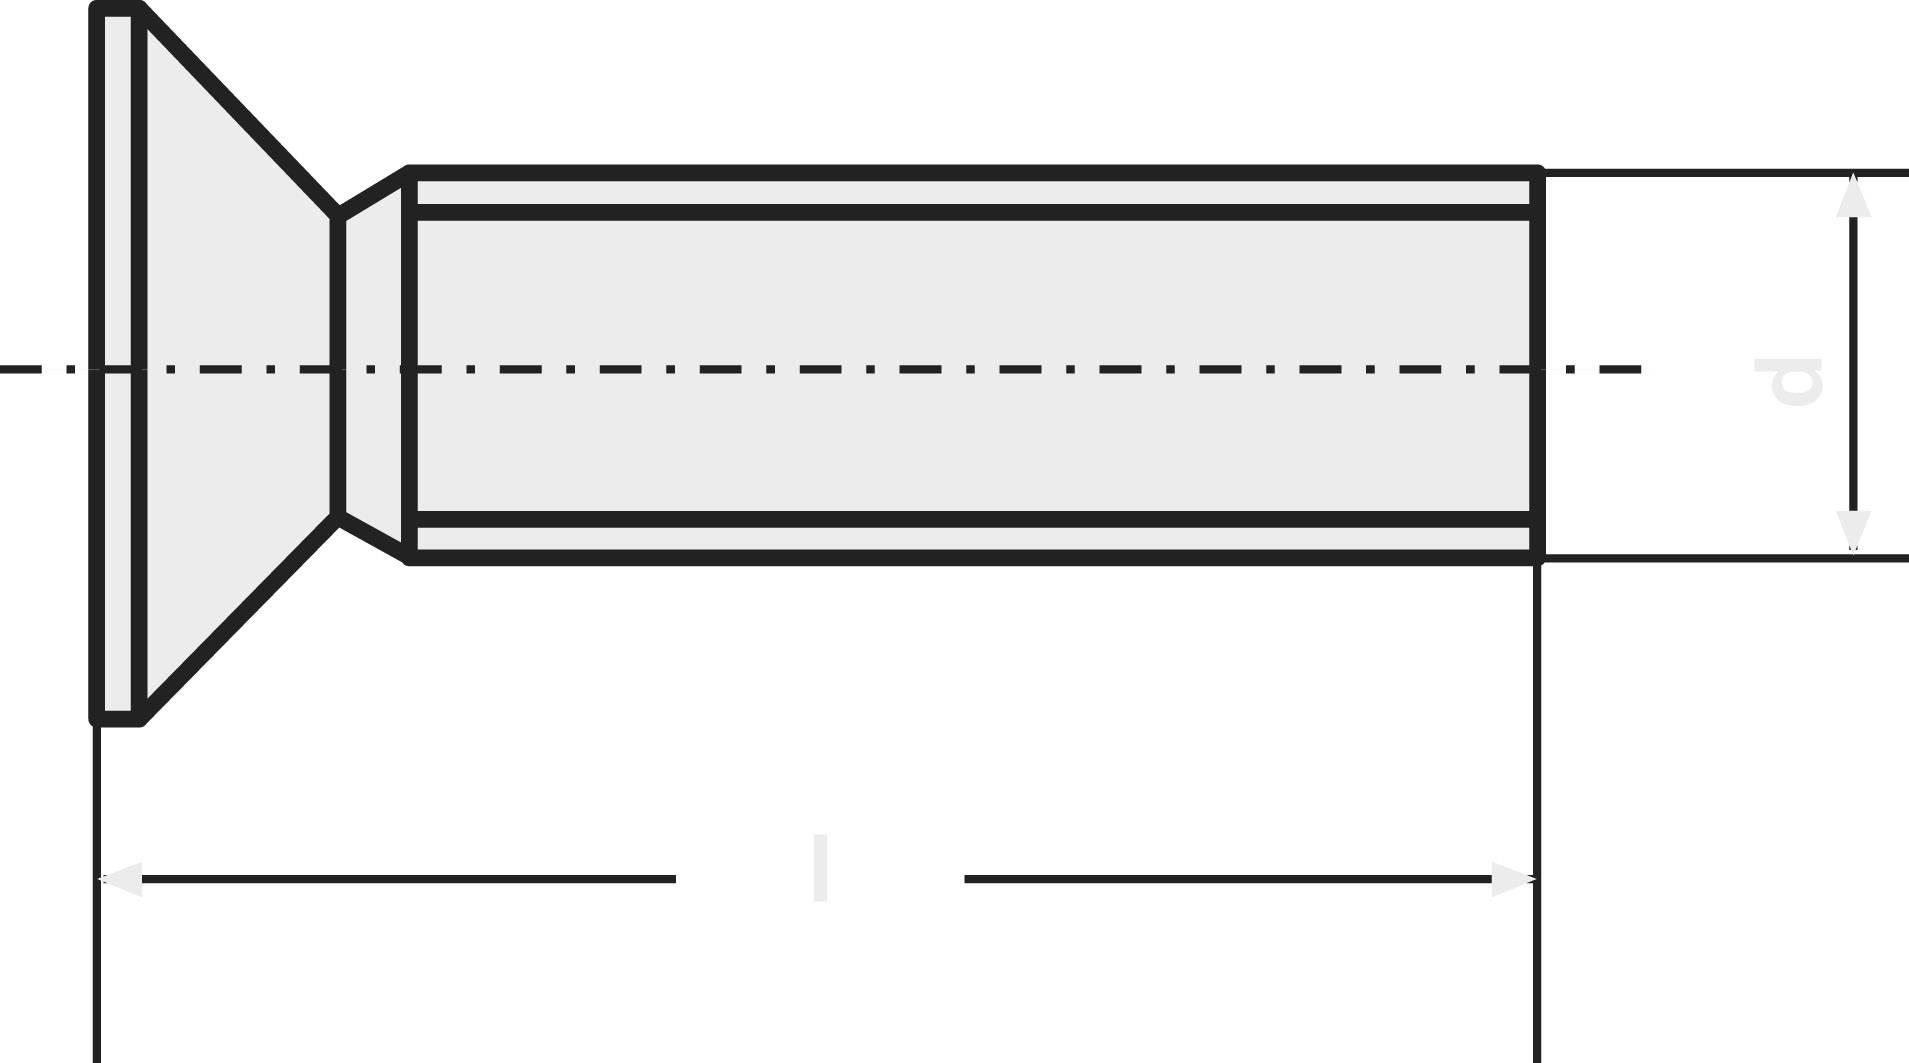 Edelstahl A2 Kreuzschlitz H M 2,5x  6 1000 Stück Senkkopfschrauben DIN 965 H